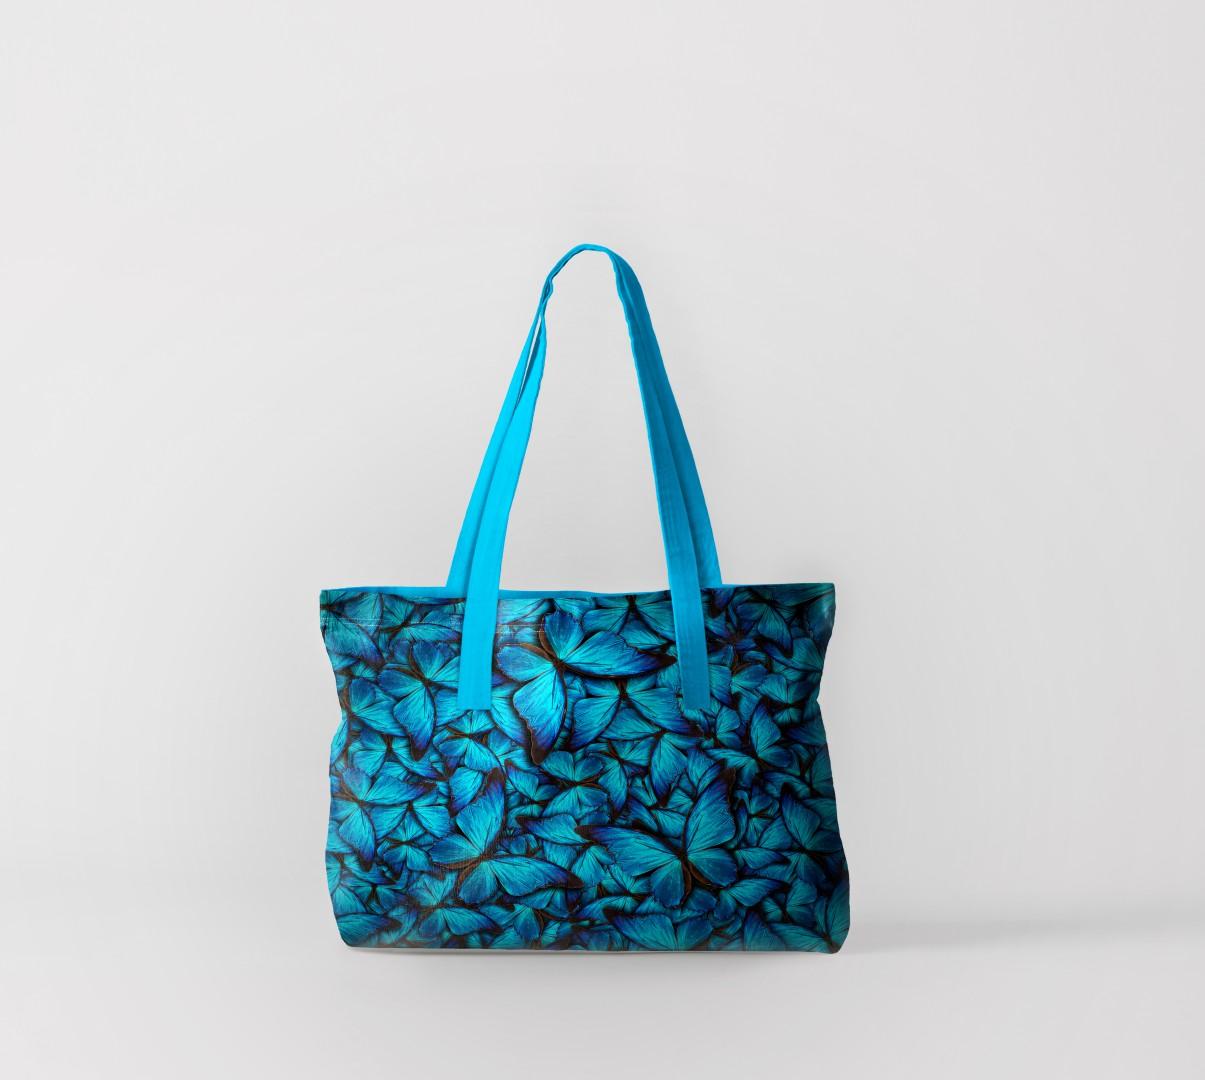 Пляжная сумка Полотно из бабочек (50х40 см) Олимп Текстиль oli732589